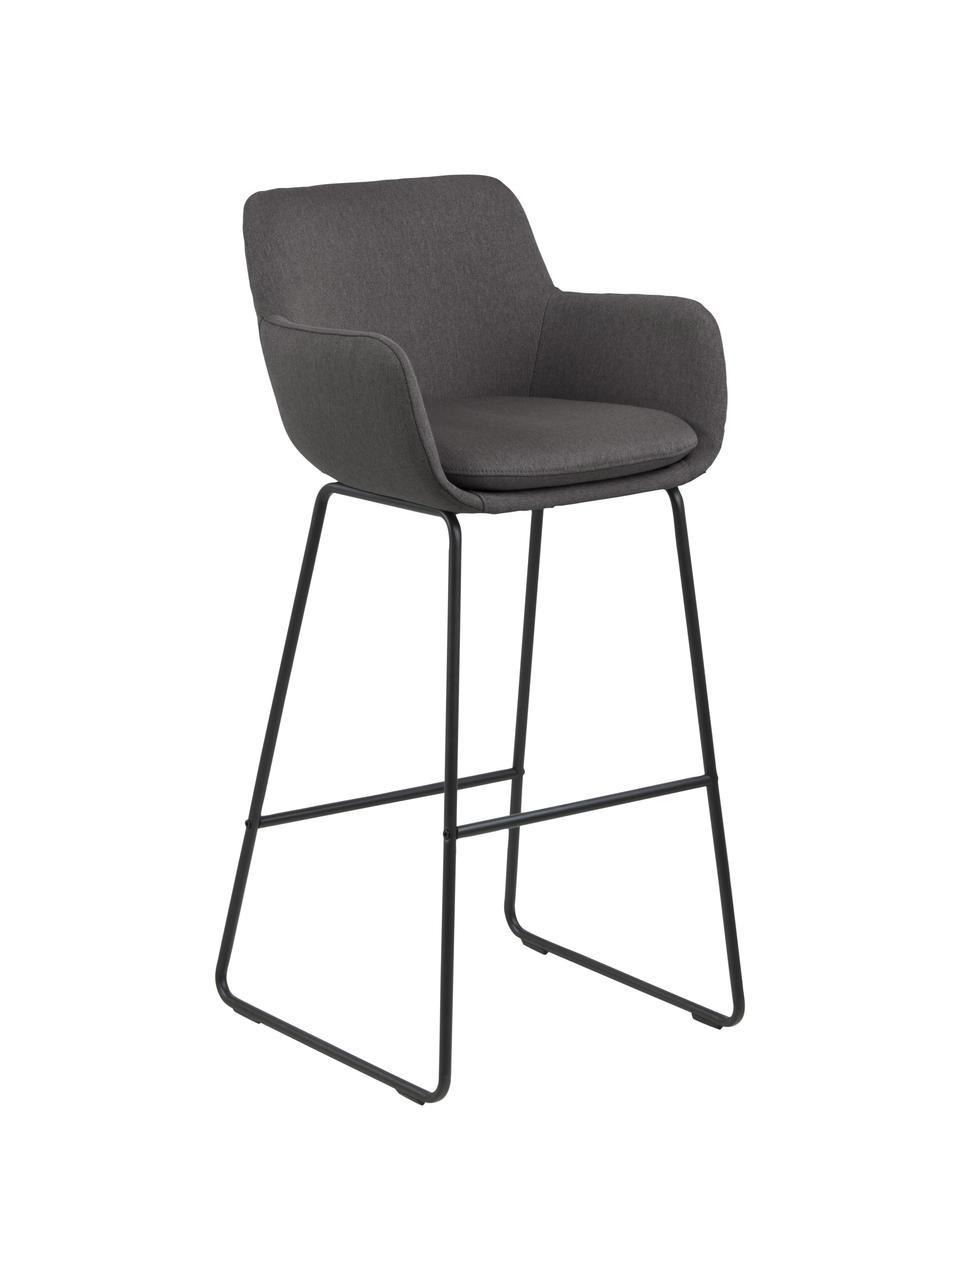 Chaise de bar avec repose-pieds Lisa, 2pièces, Gris foncé, noir